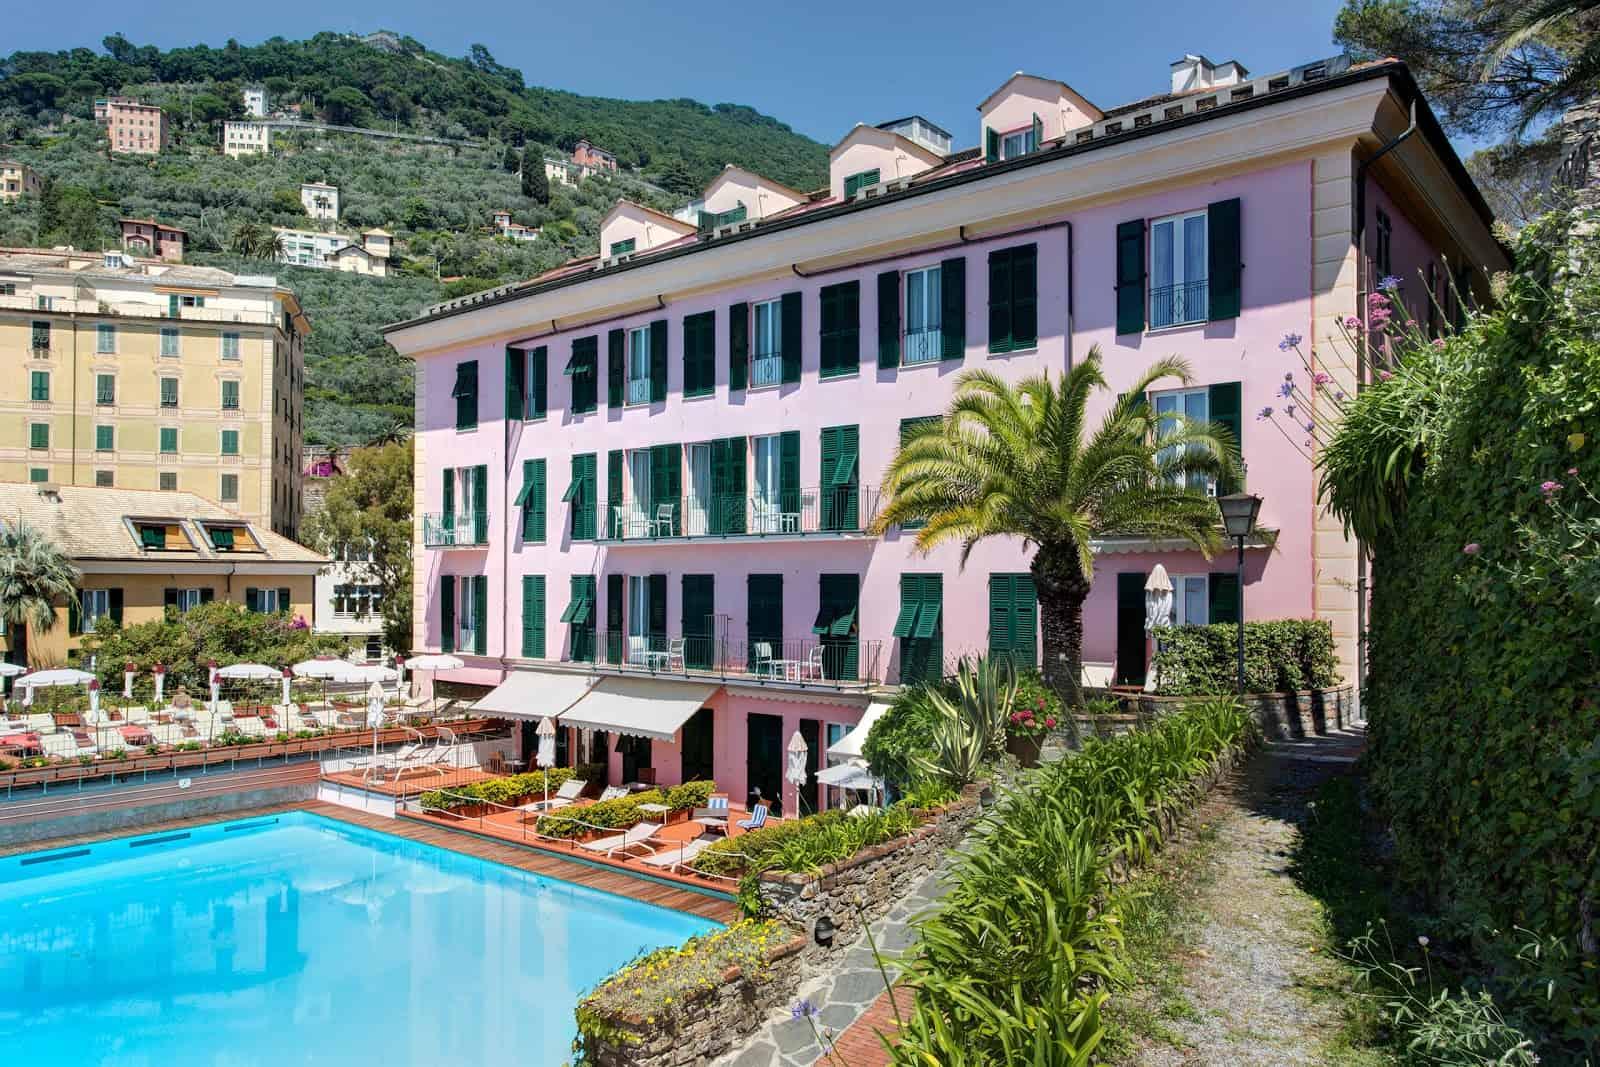 Hotel Cinque Terre